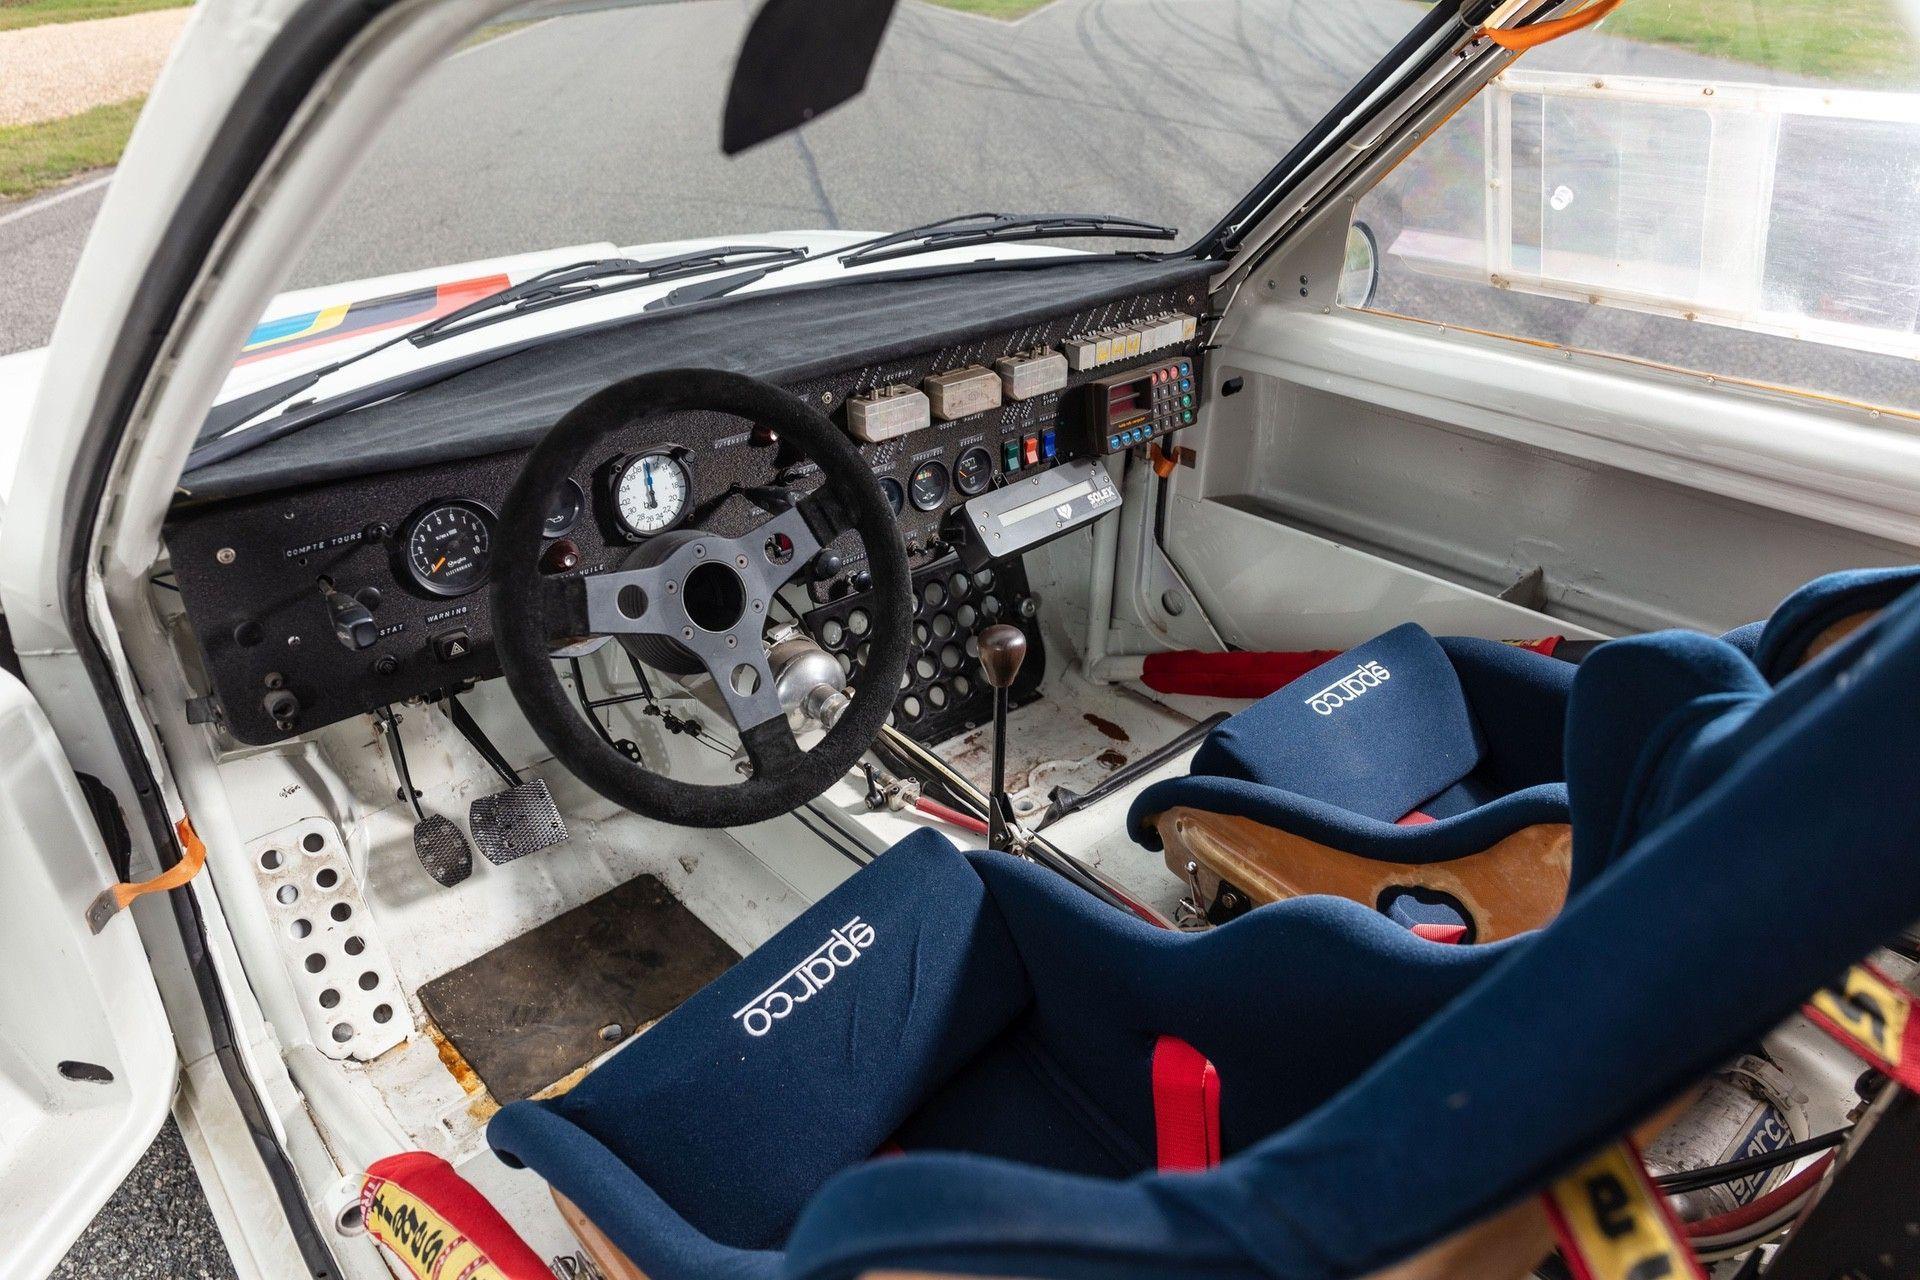 1985_Peugeot_205_Turbo_16_Evolution_2_sale-0022